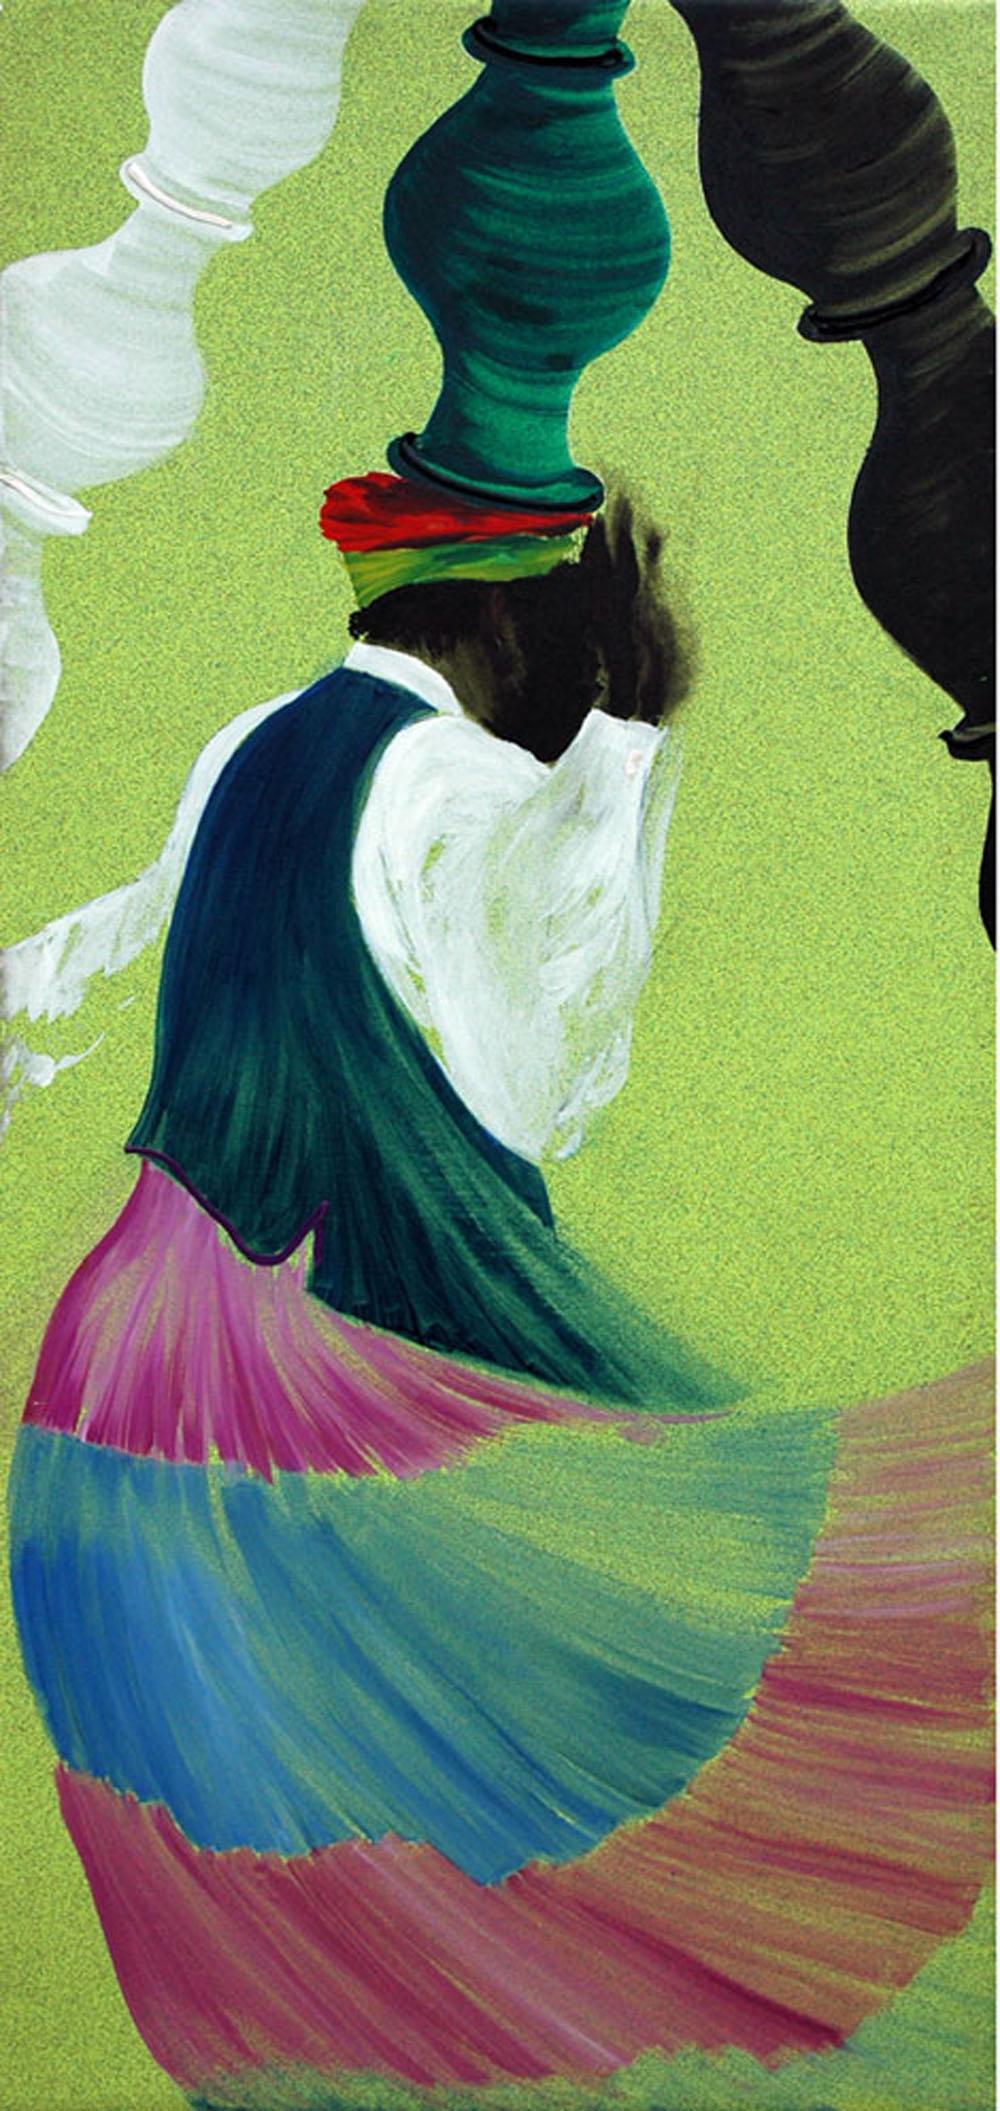 Aldo Mondino, La danse des jarres, 1998, olio su linoleum, cm 190x90